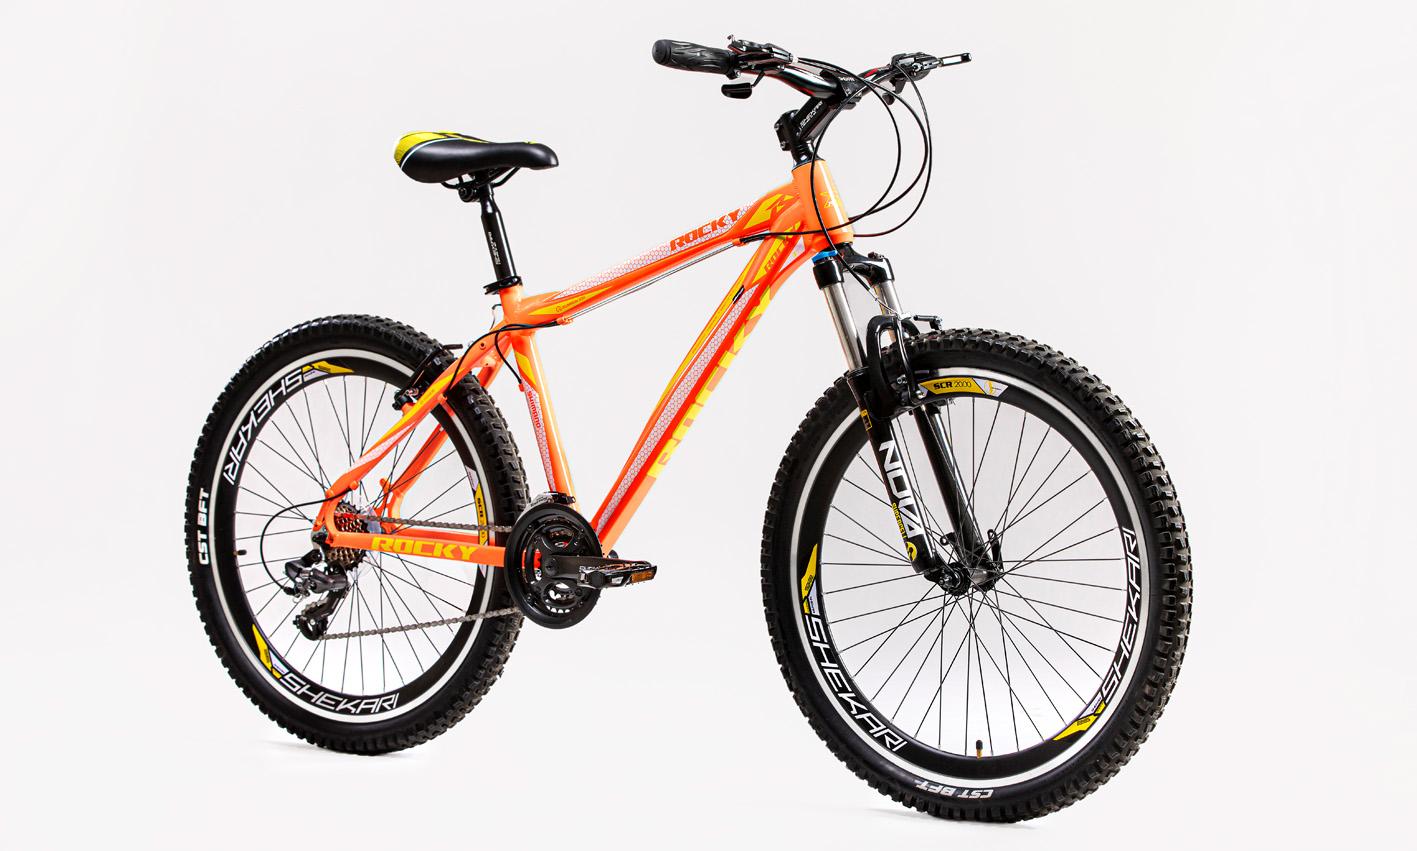 دوچرخه راکی 26 گروه شکاری6